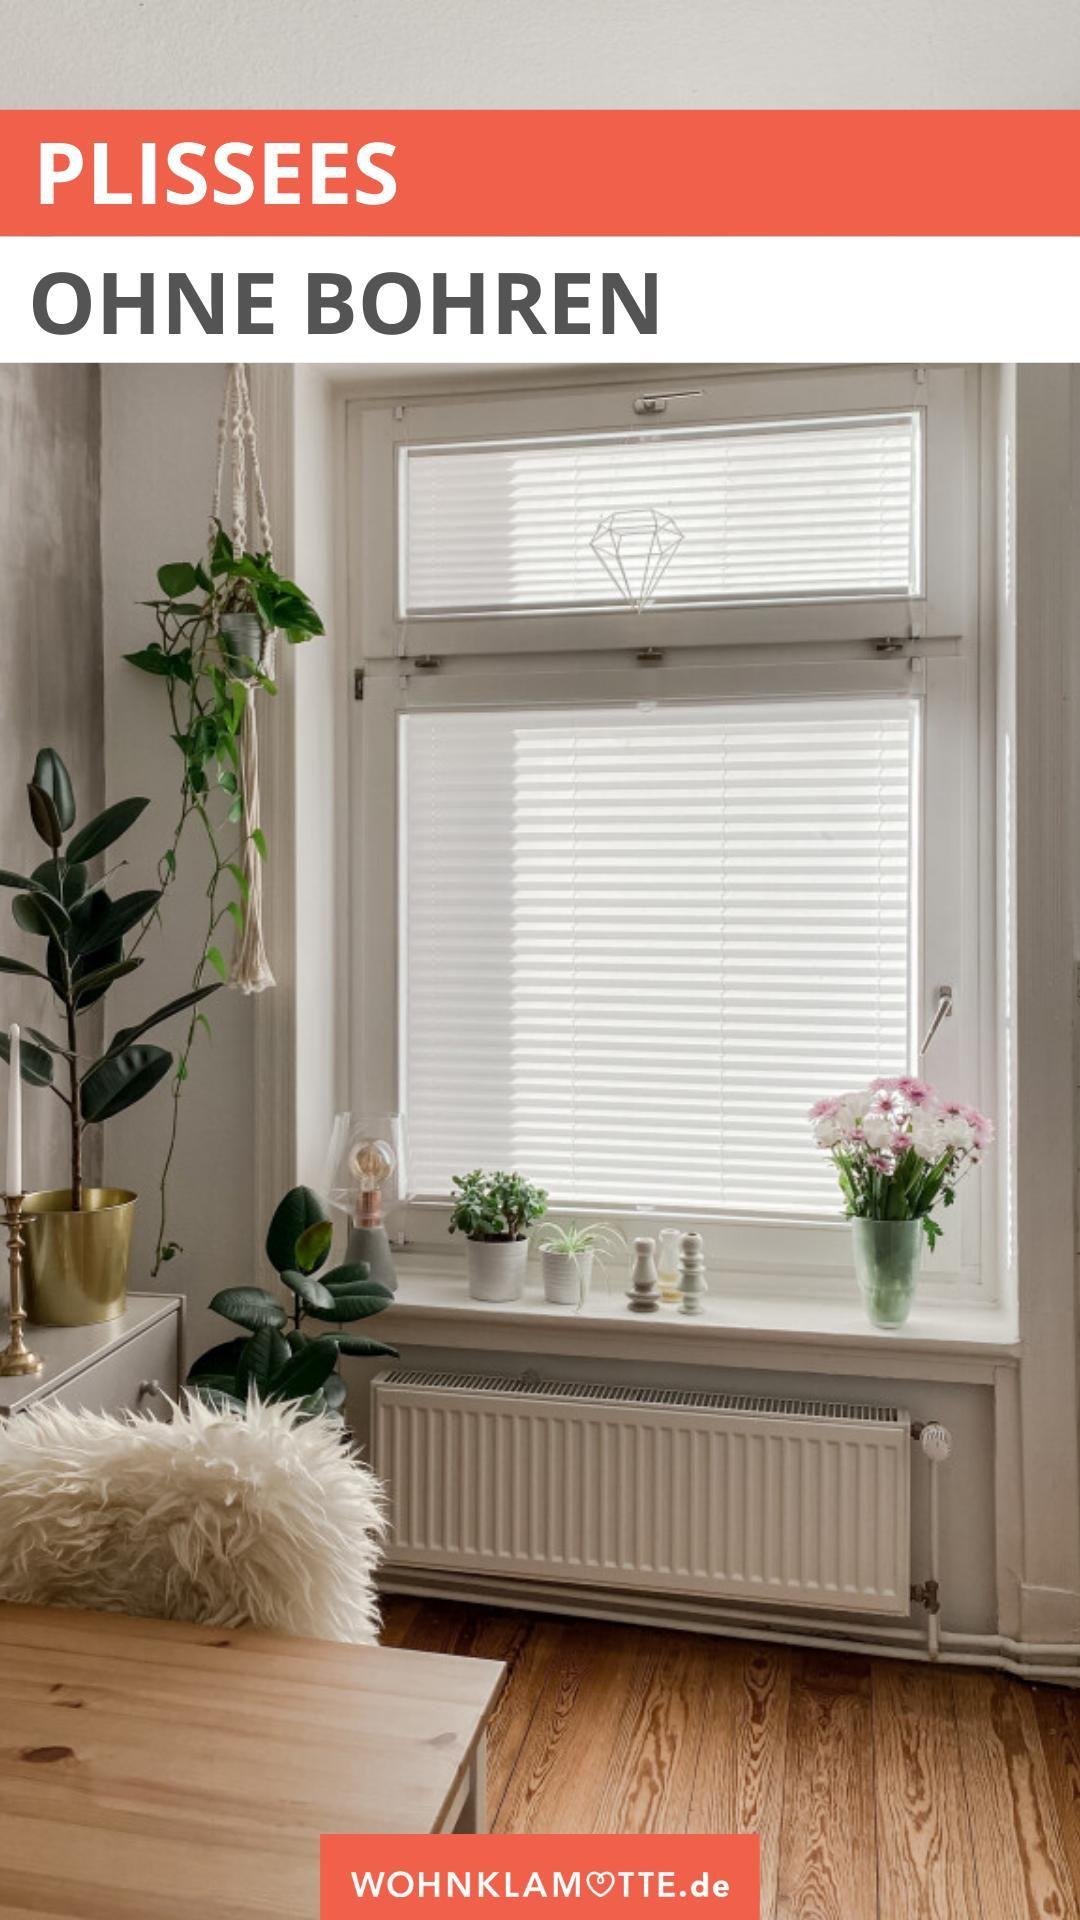 Photo of Plissees Fenster: Sichtschutz ohne Bohren